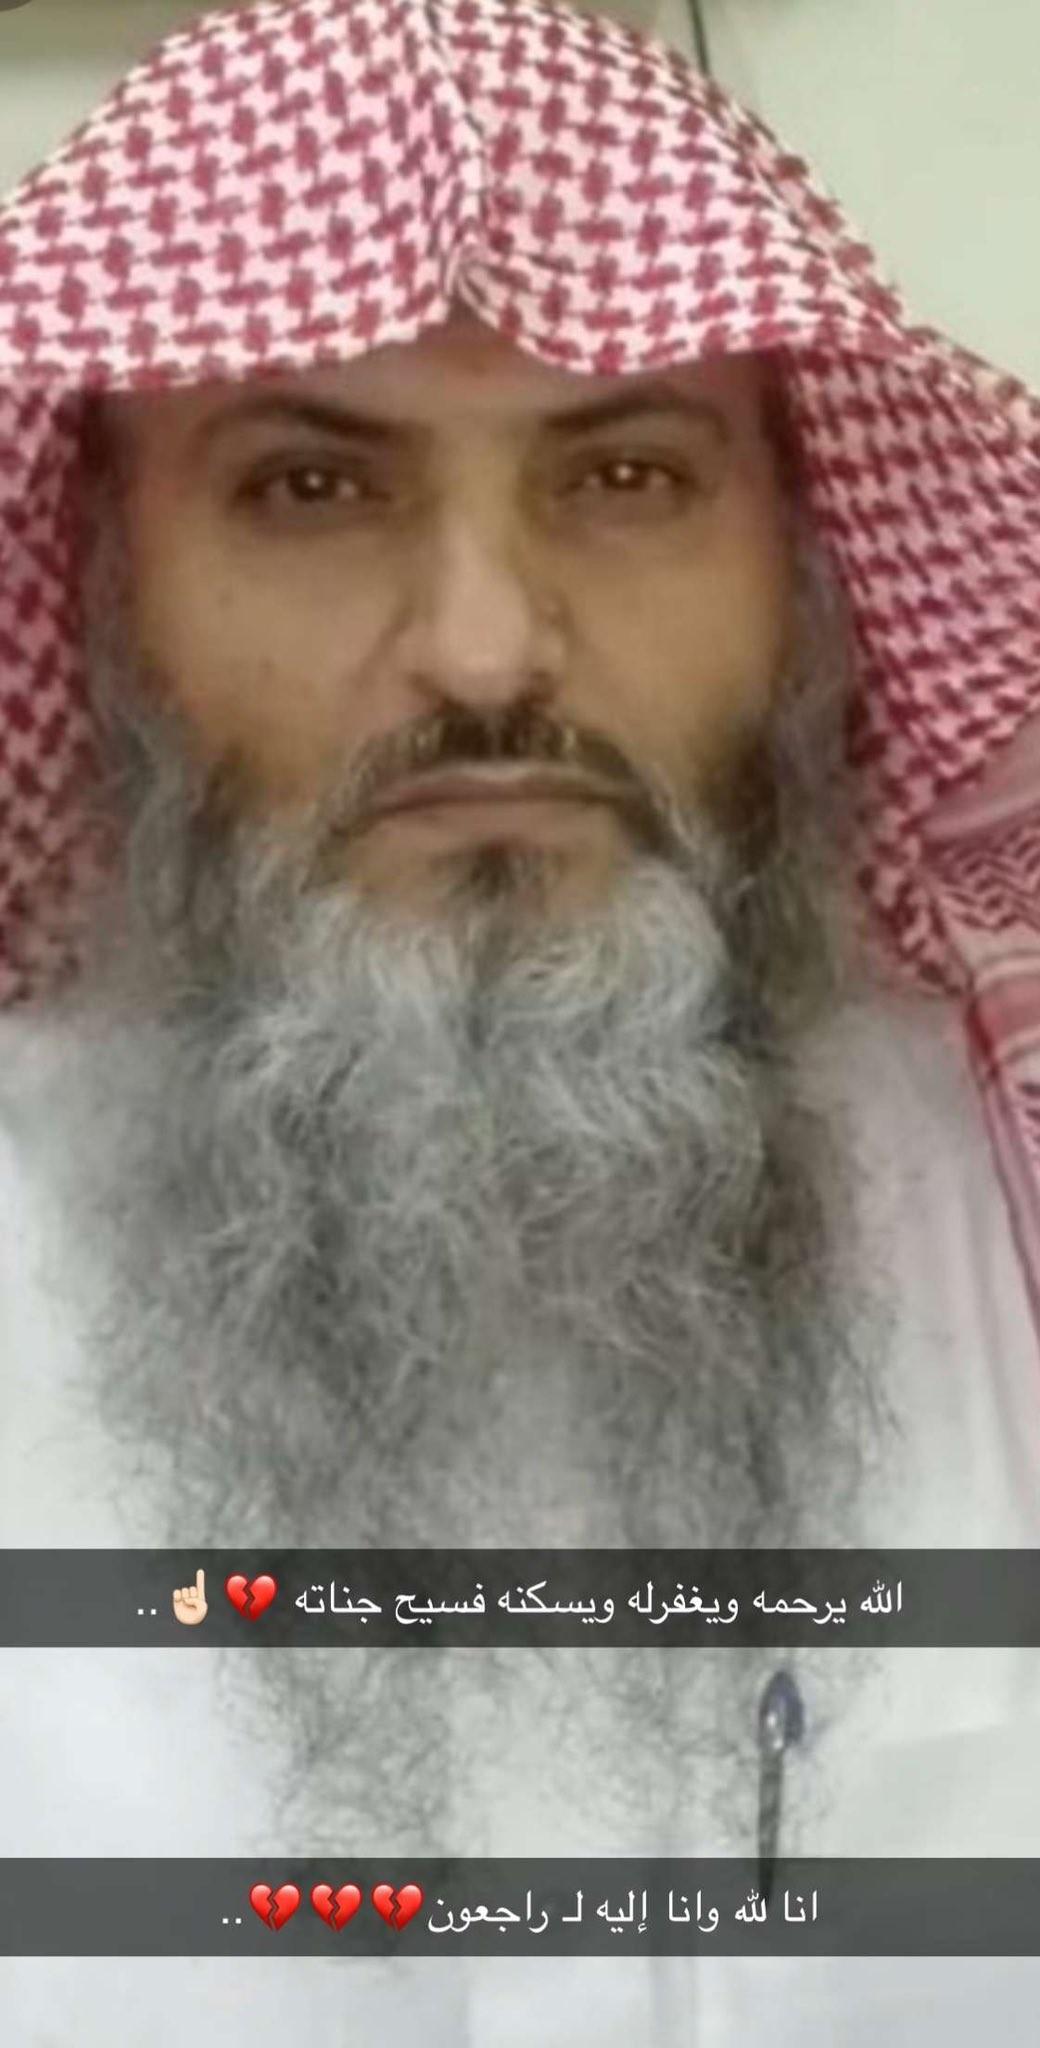 هادي سعود بن كدمة.jpg